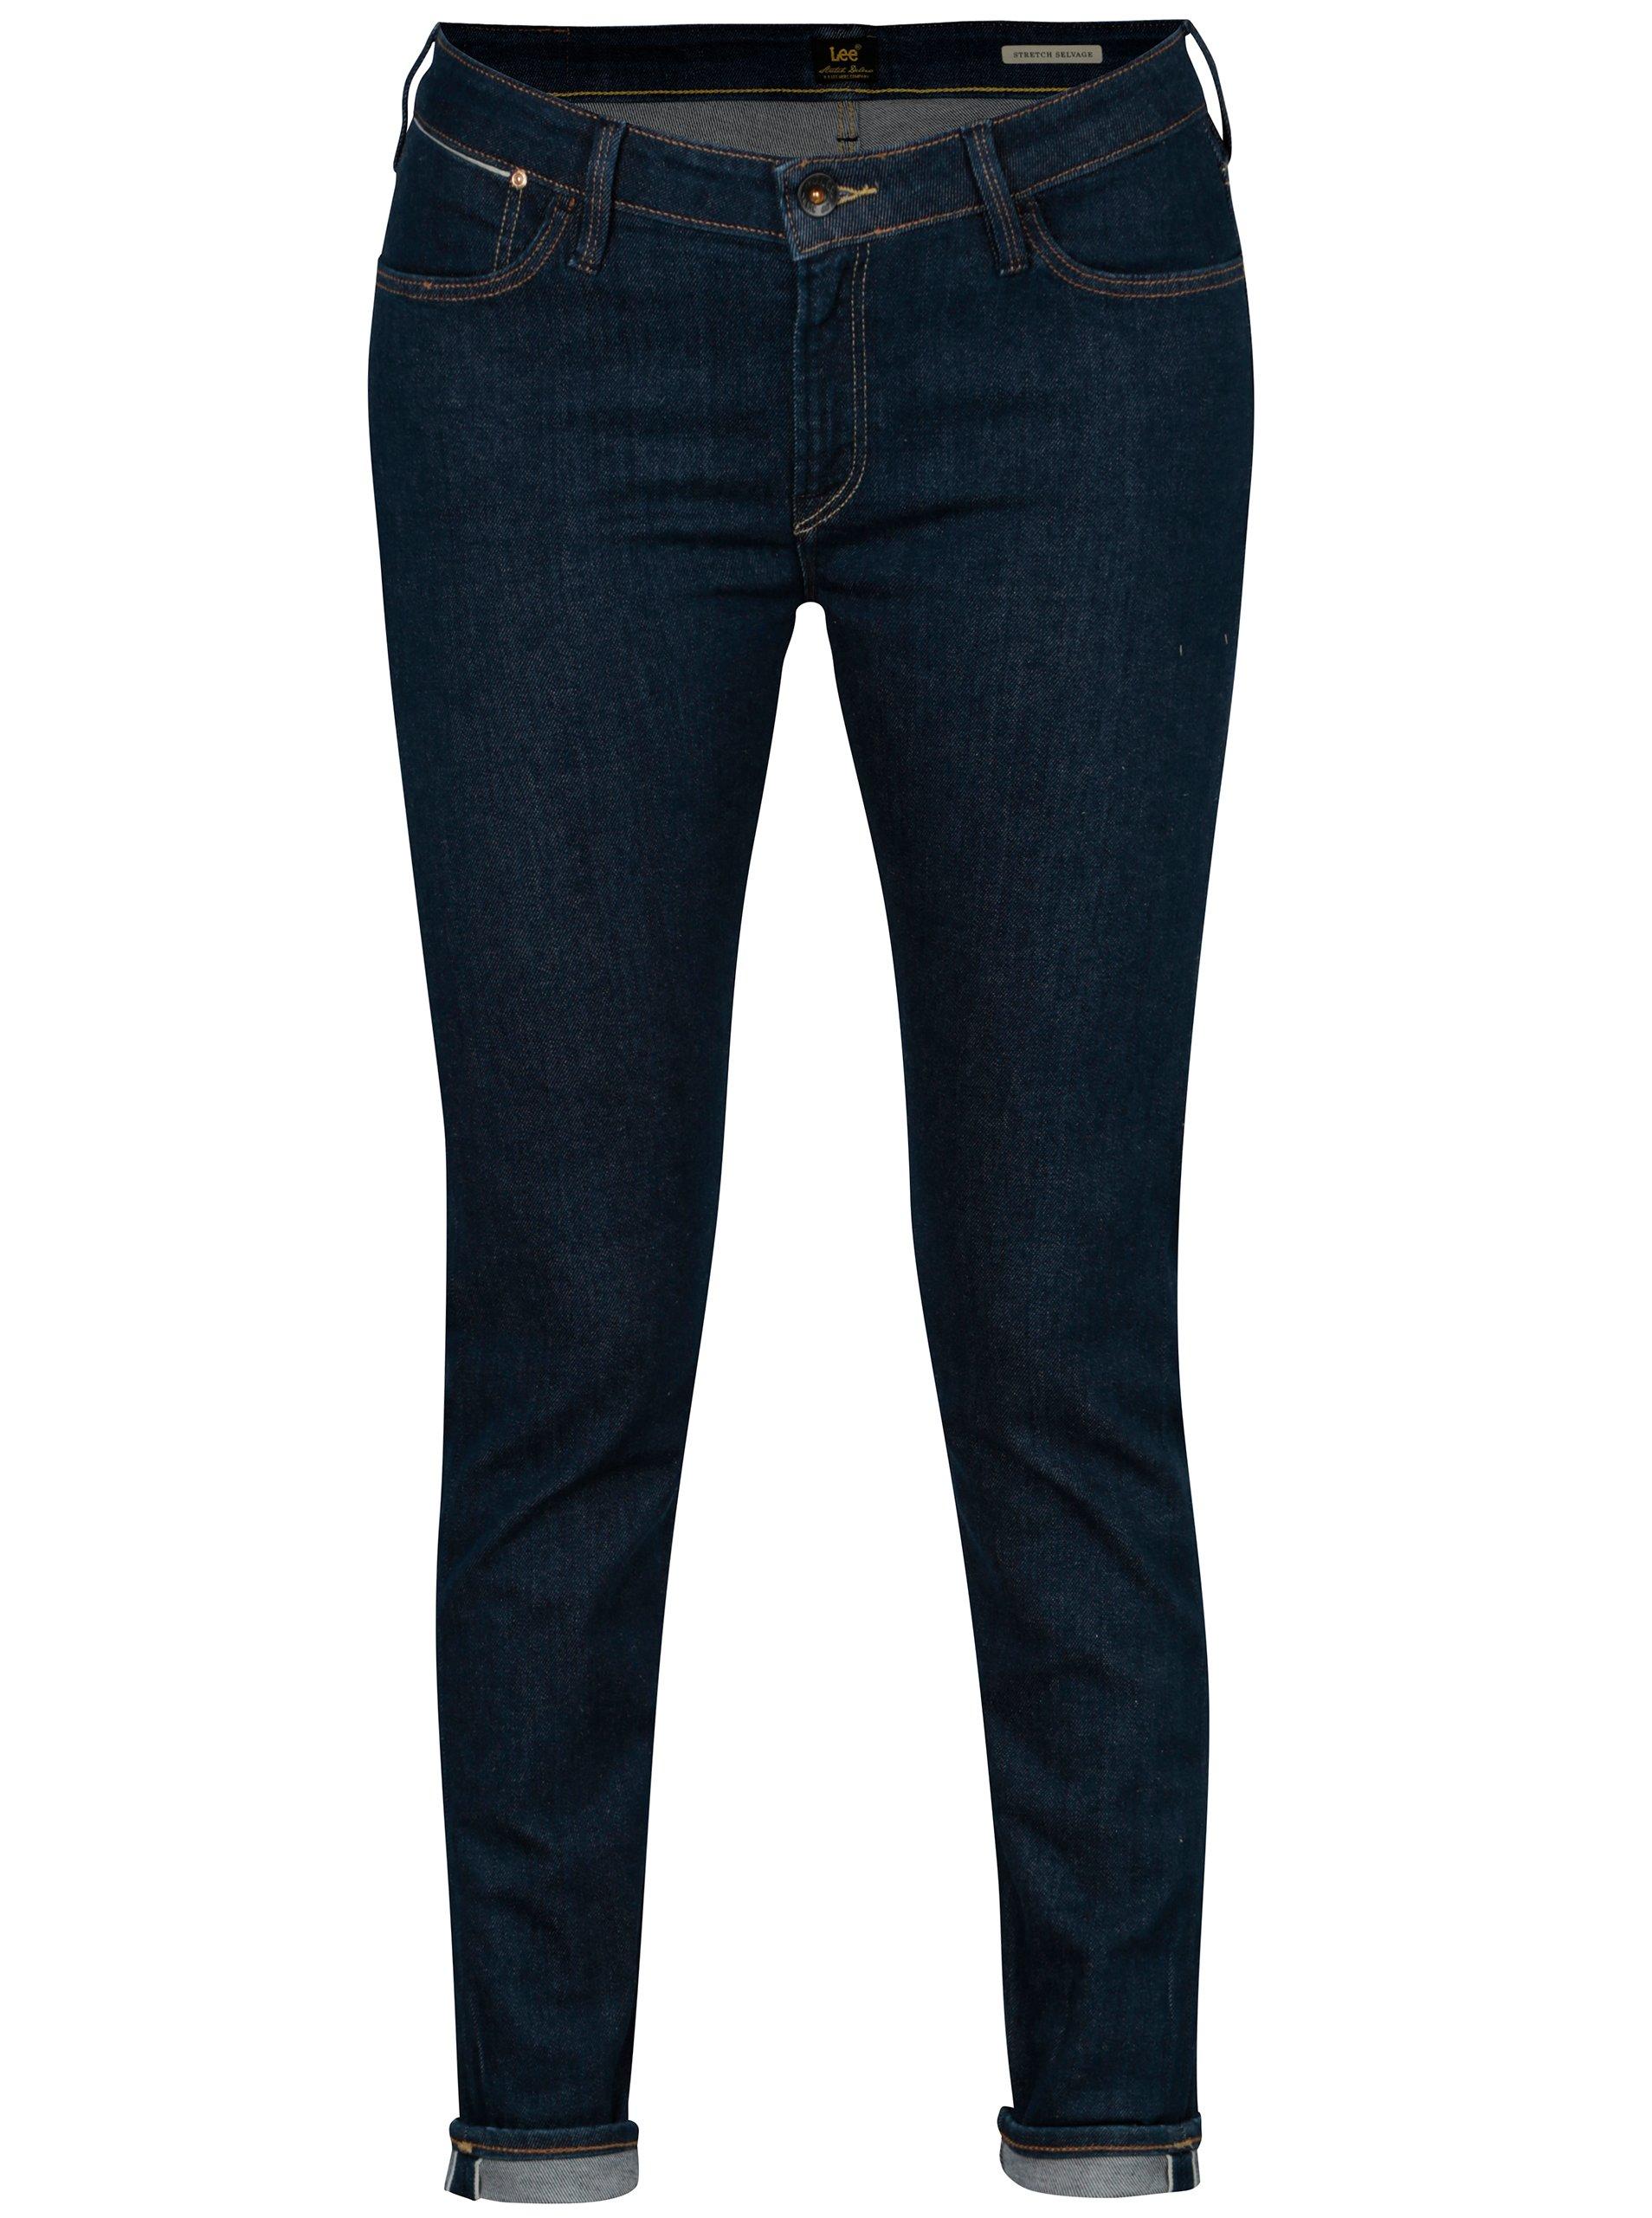 8ff5b33e816 Tmavě modré dámské skinny džíny Lee Scarlett